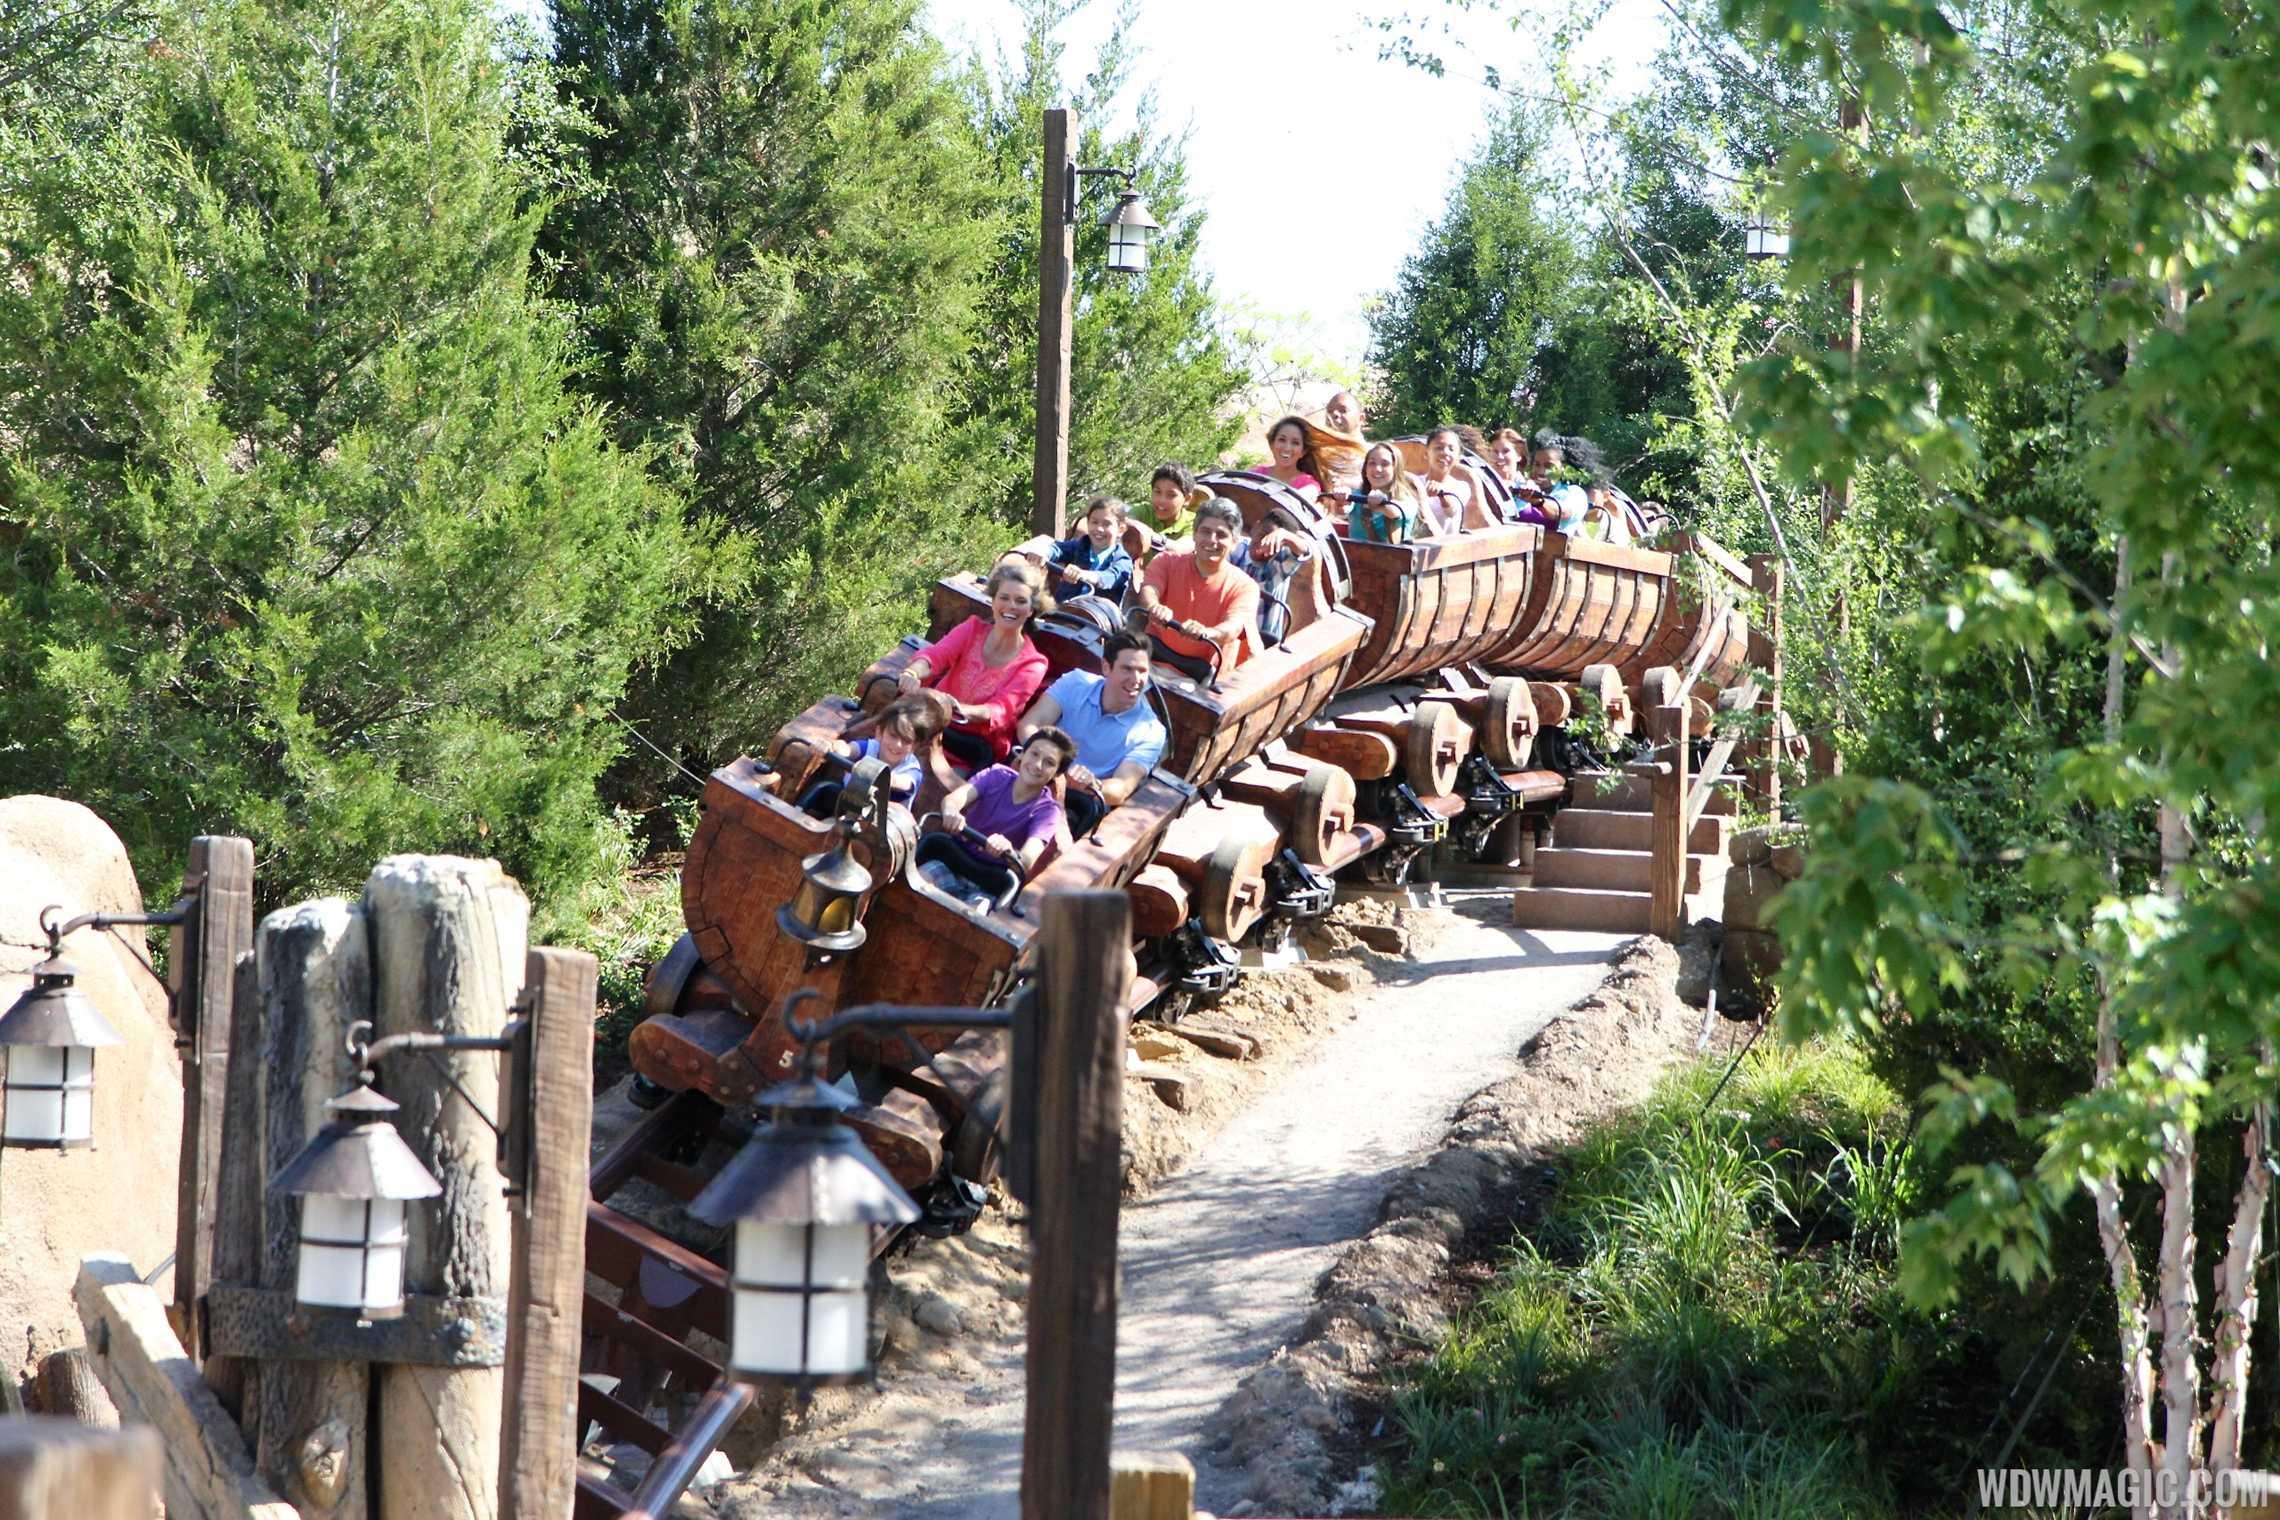 Riders on the Seven Dwarfs Mine Train